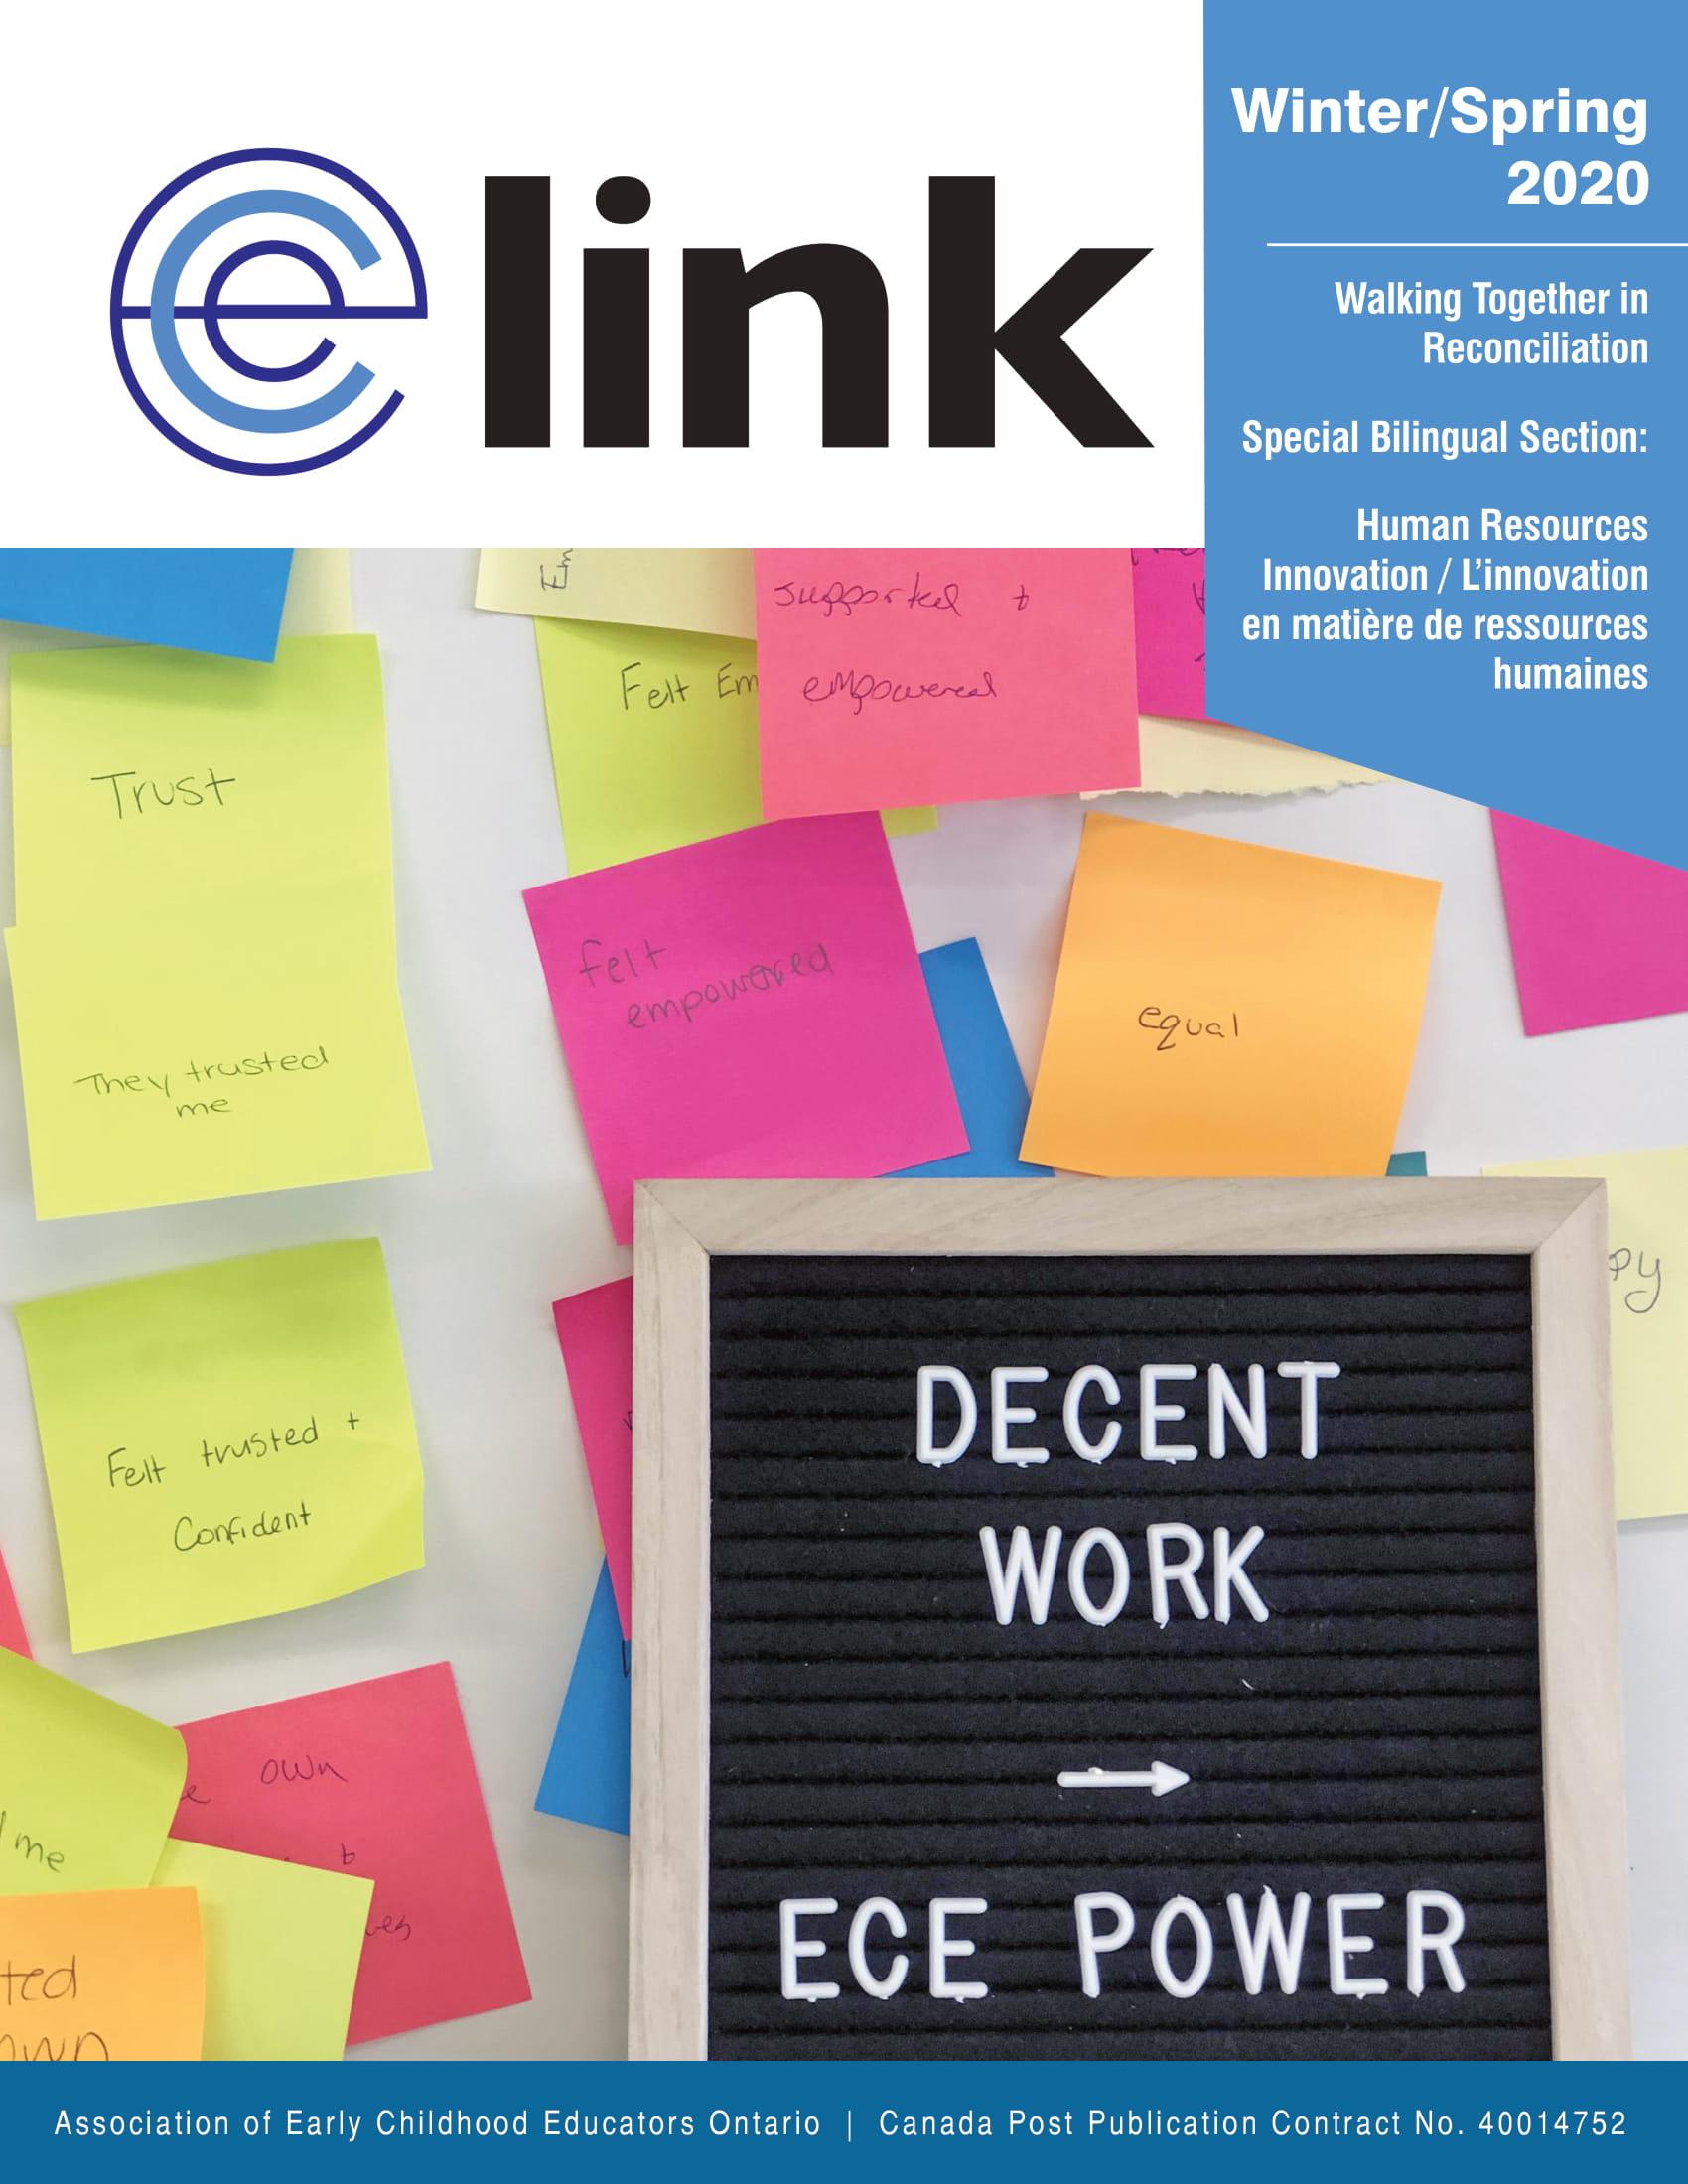 eceLINK_winterspring2020_cover_image.jpg